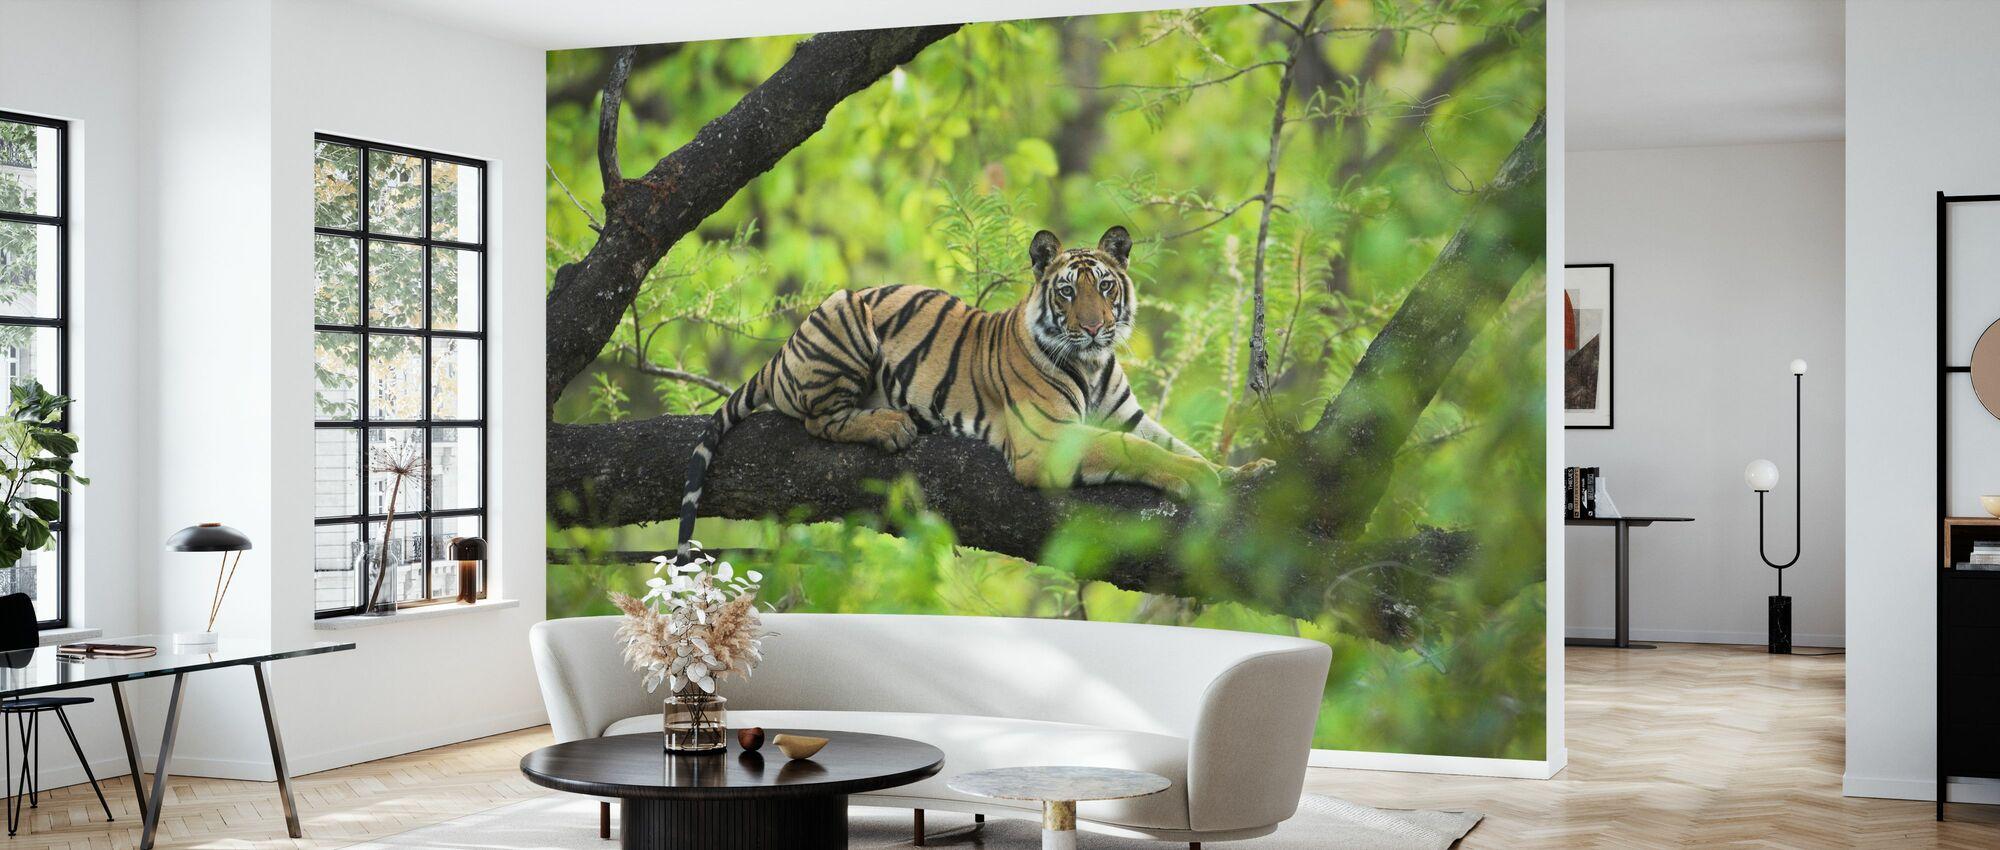 Tiger Resting in Tree - Wallpaper - Living Room